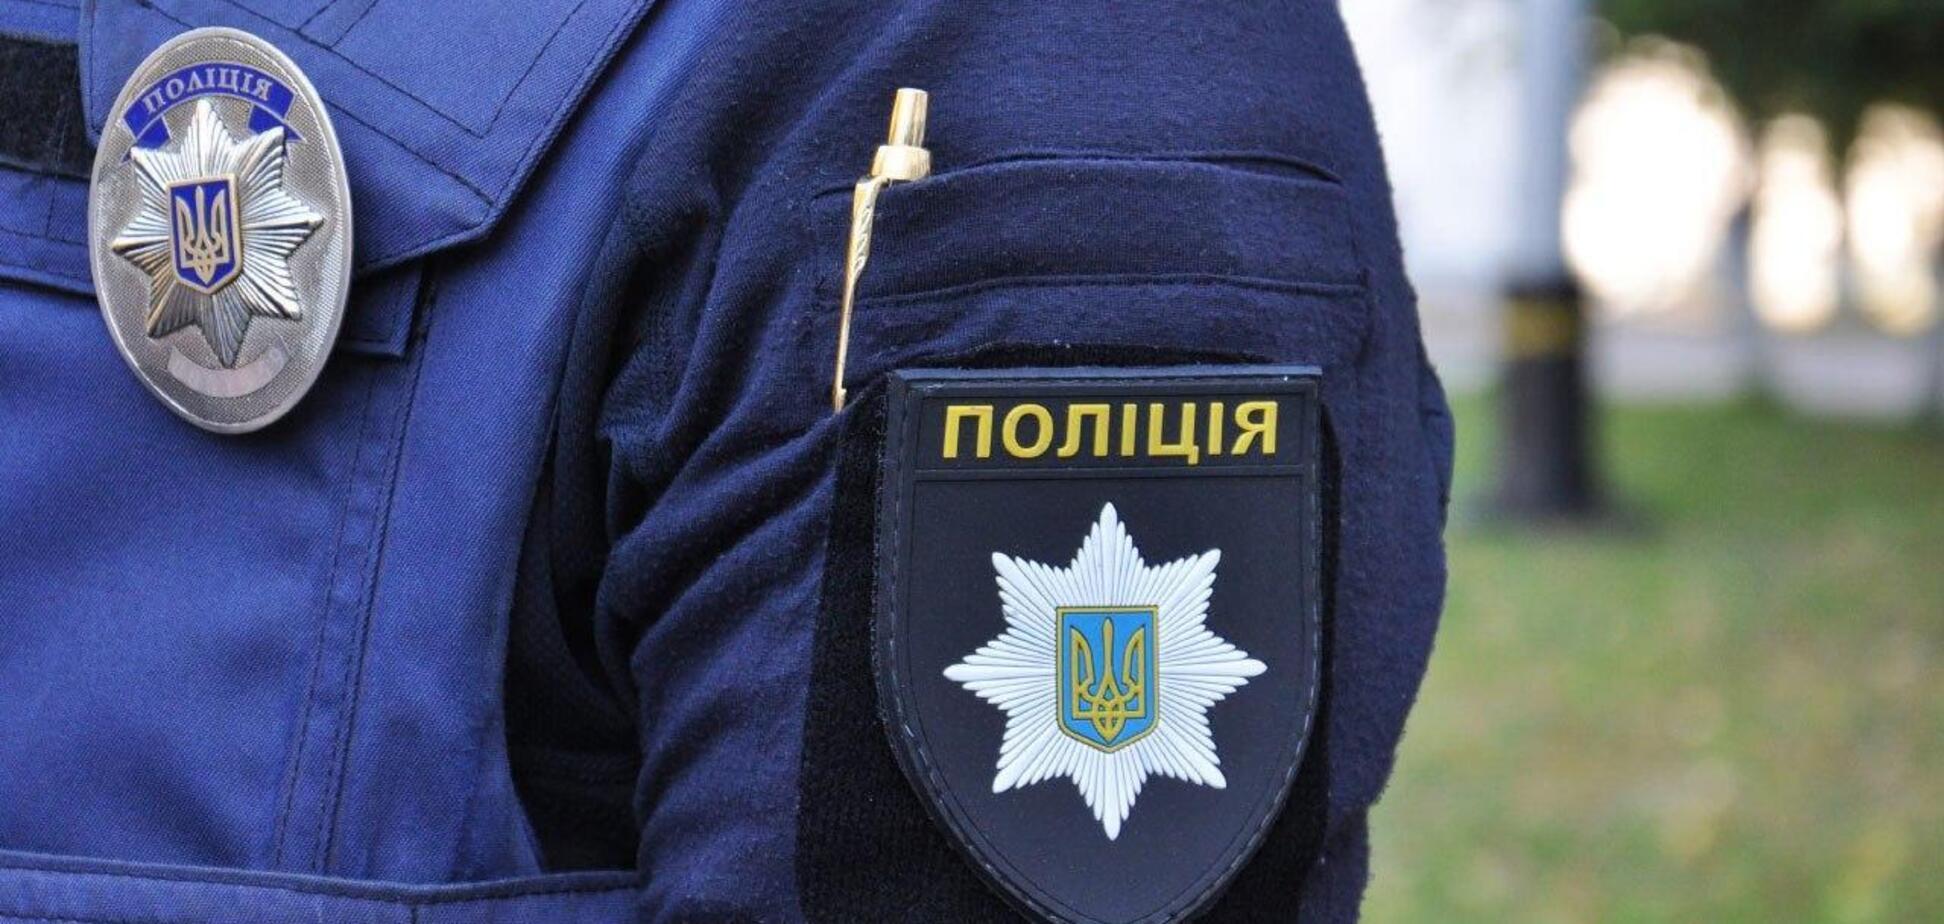 На Днепропетровщине мужчину избили за замечание пьяной компании